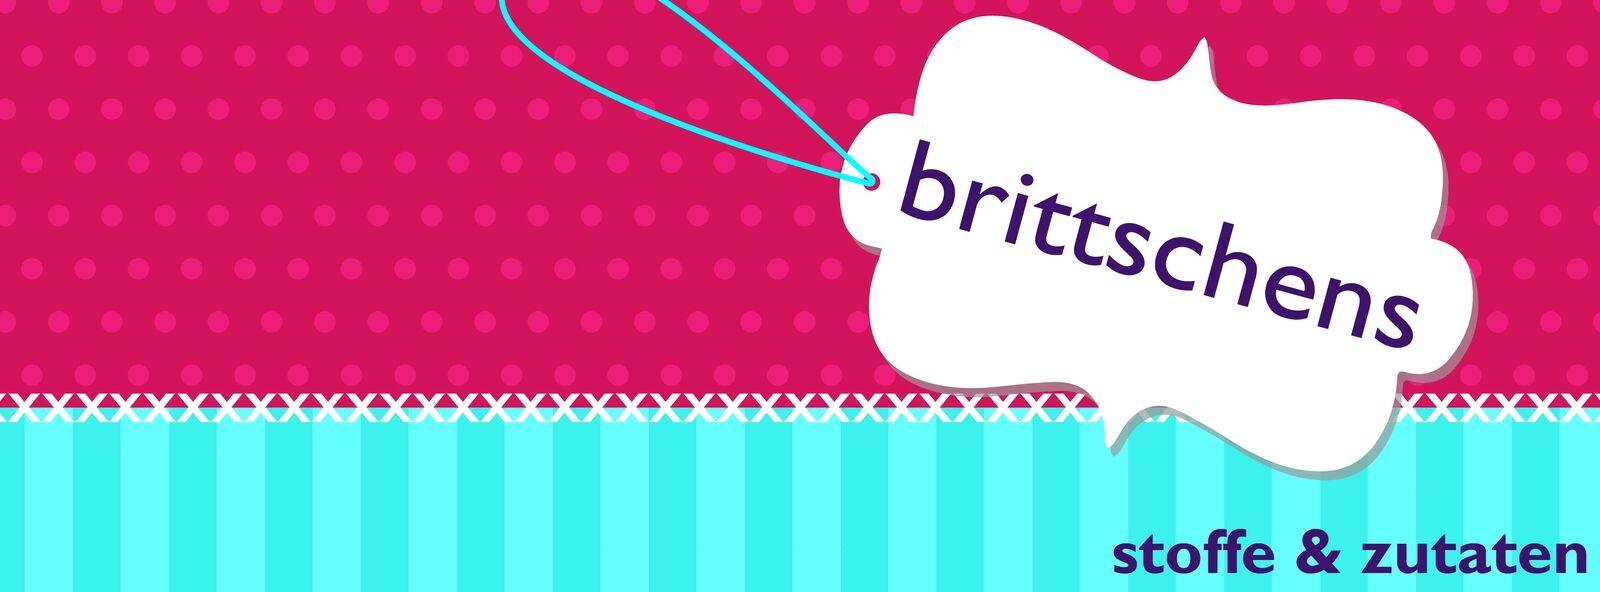 Brittschens